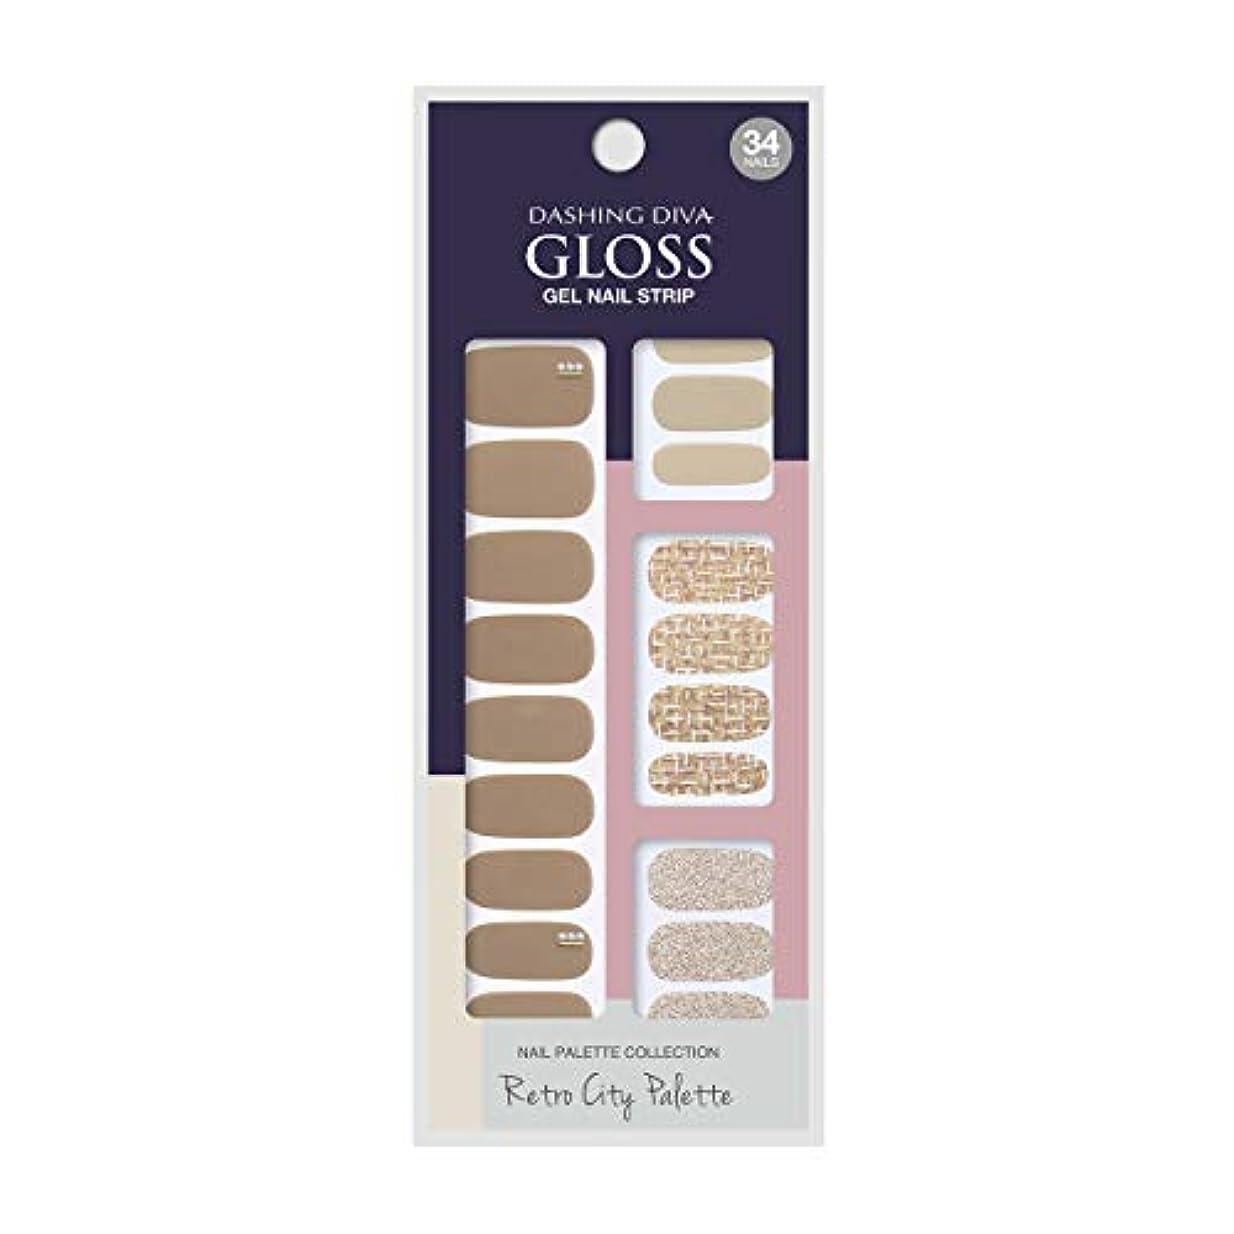 フェード泣く計画的ダッシングディバ グロスジェル ネイルストリップ DASHING DIVA Gloss Gel Nail Strip GVP85 -DURY+ オリジナルジェル ネイルシール Tailor Shop